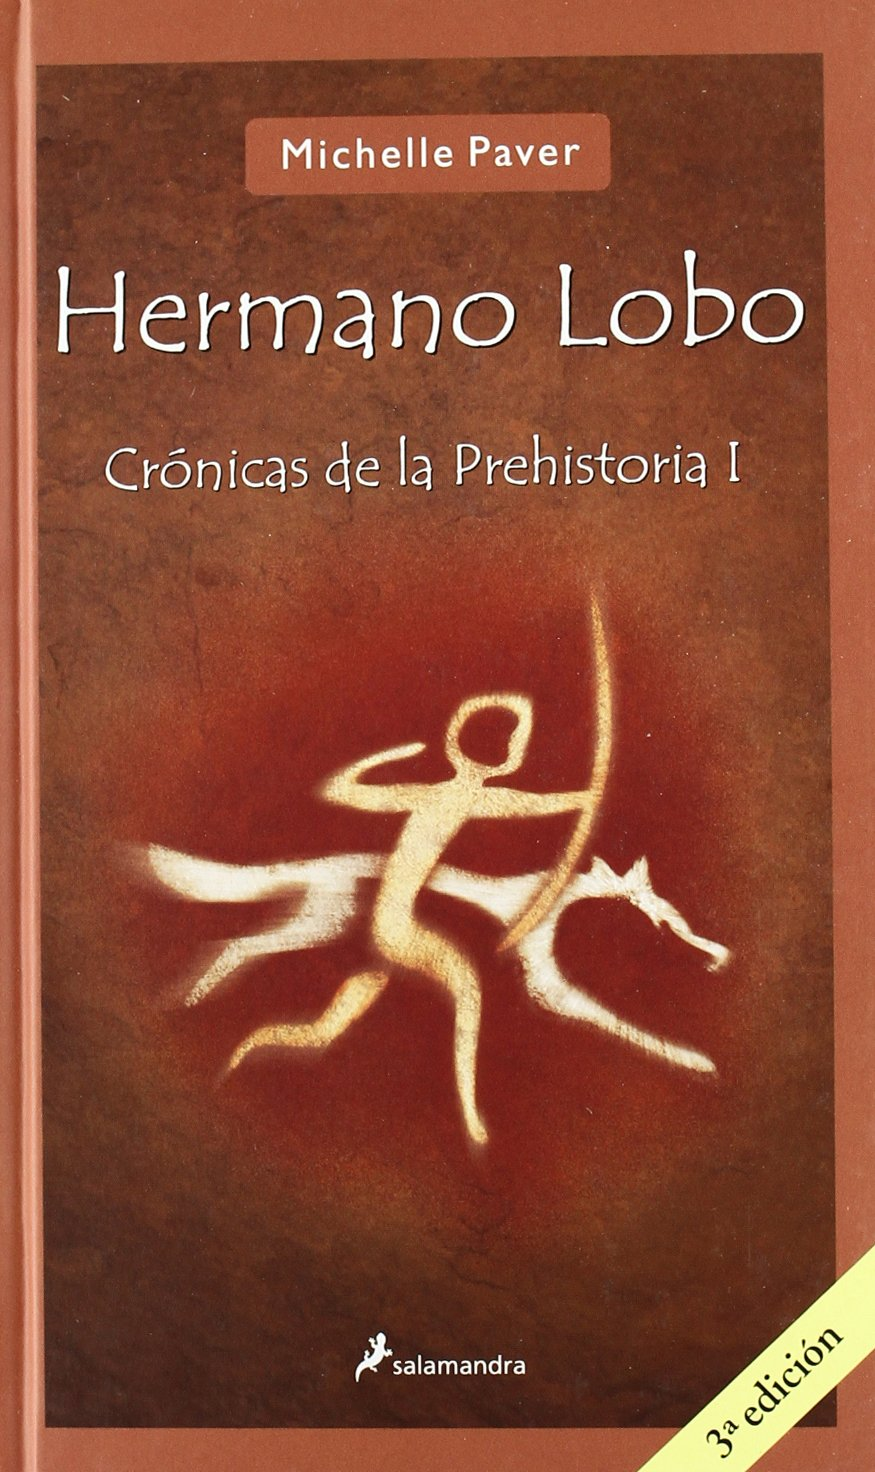 Hermano lobo: Crónicas de la prehistoria I Narrativa Joven: Amazon.es: Paver, Michelle: Libros